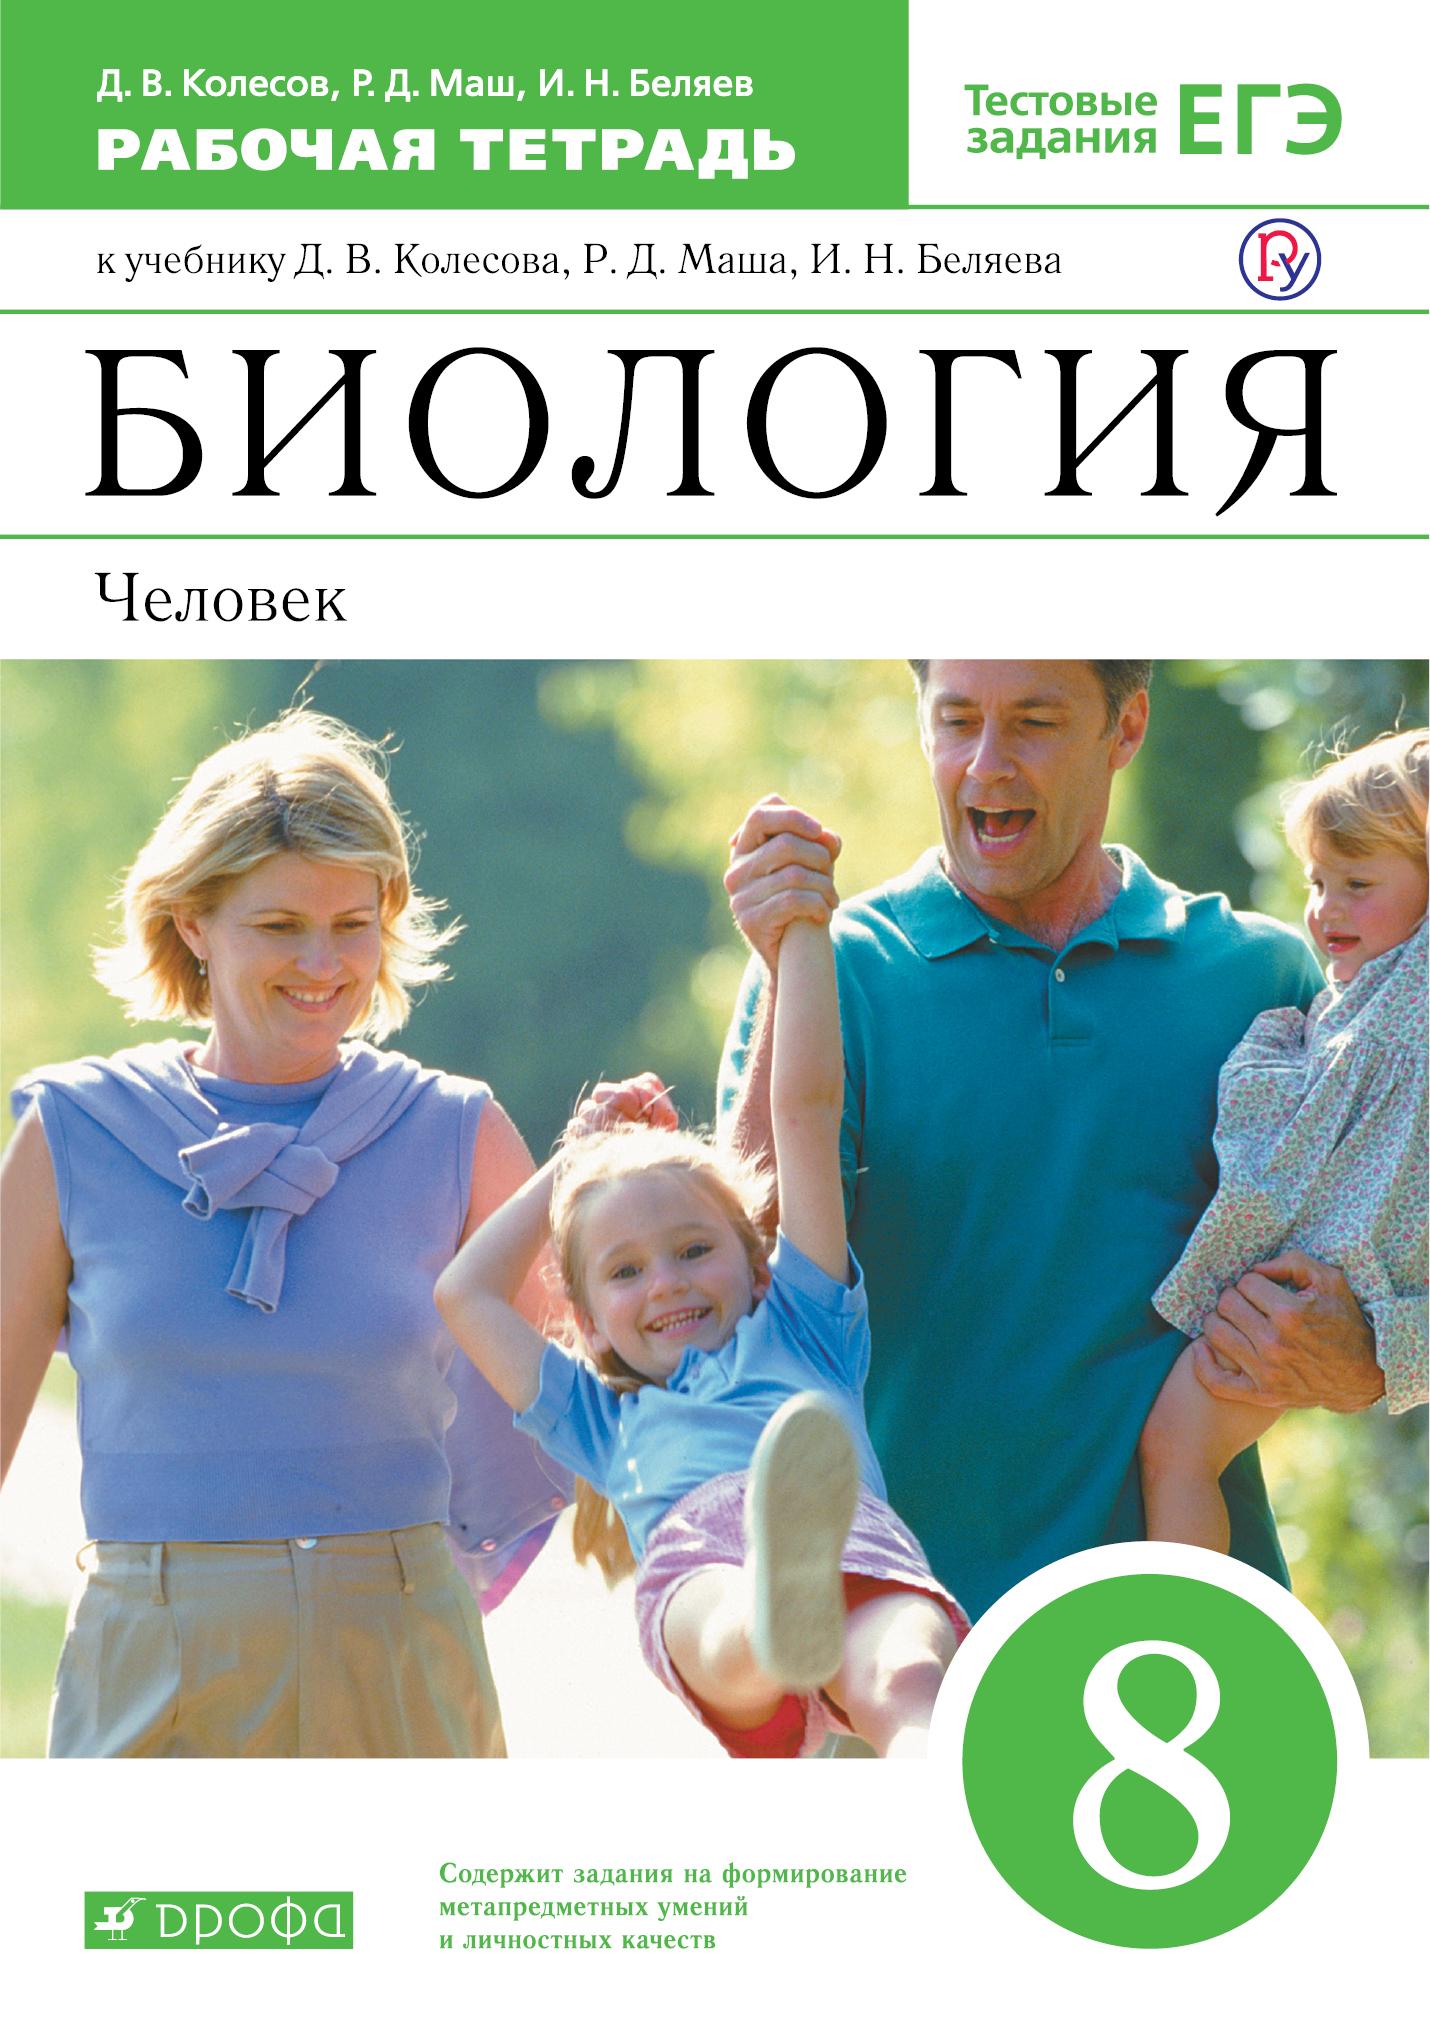 Колесов Д.В., Маш Р.Д., Беляев И.Н. Биология. 8 класс. Человек. Рабочая тетрадь